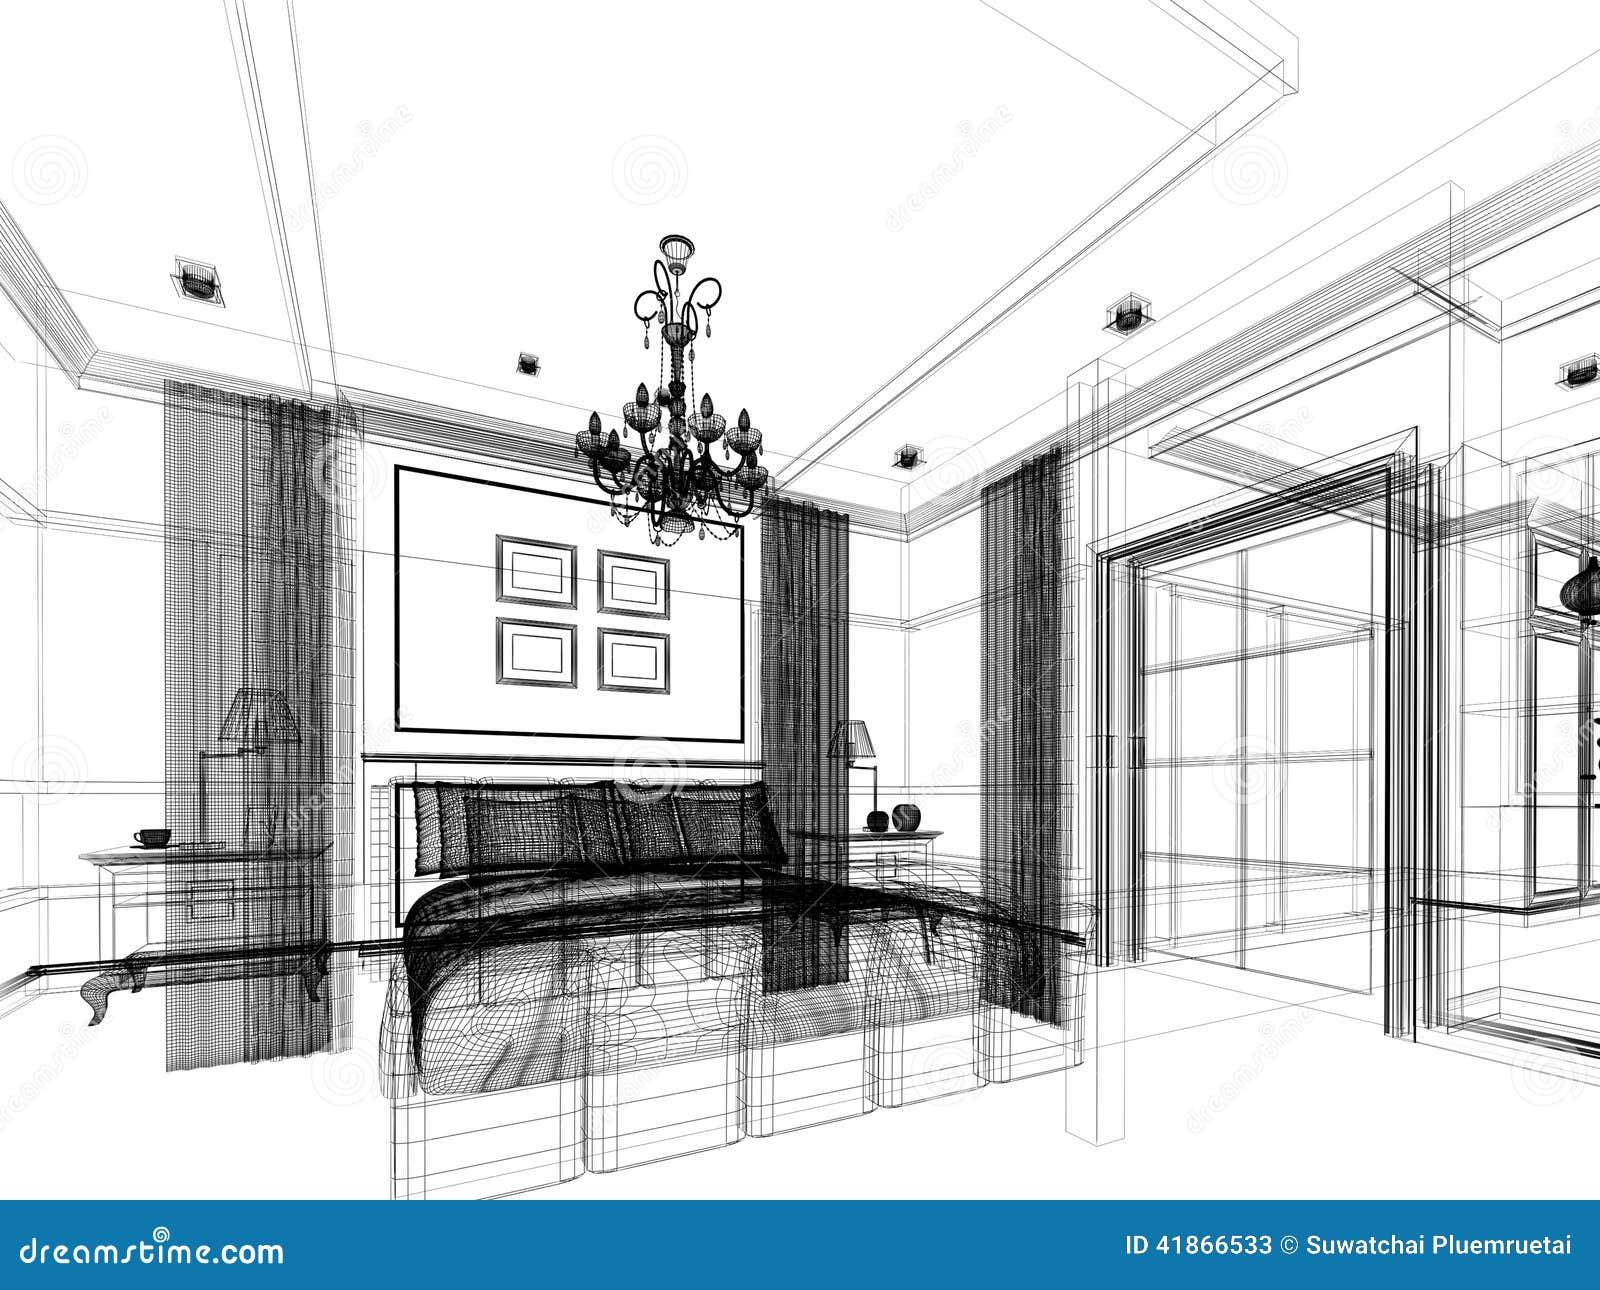 Progettare camera interesting progettare camera with progettare camera interesting trendy - Progettare la camera da letto ...